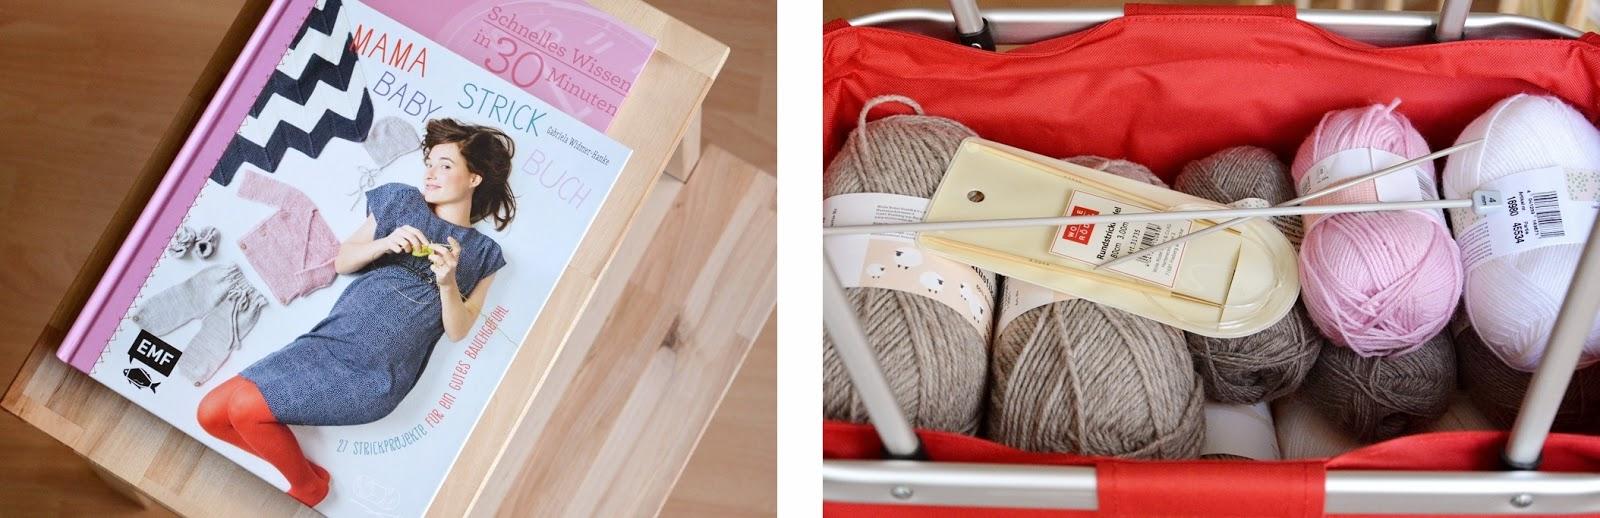 Knitting for a baby, Stricken für das Baby, Knit clothes, Books about knitting, Bücher über Stricken, Stricken für Babys Buch